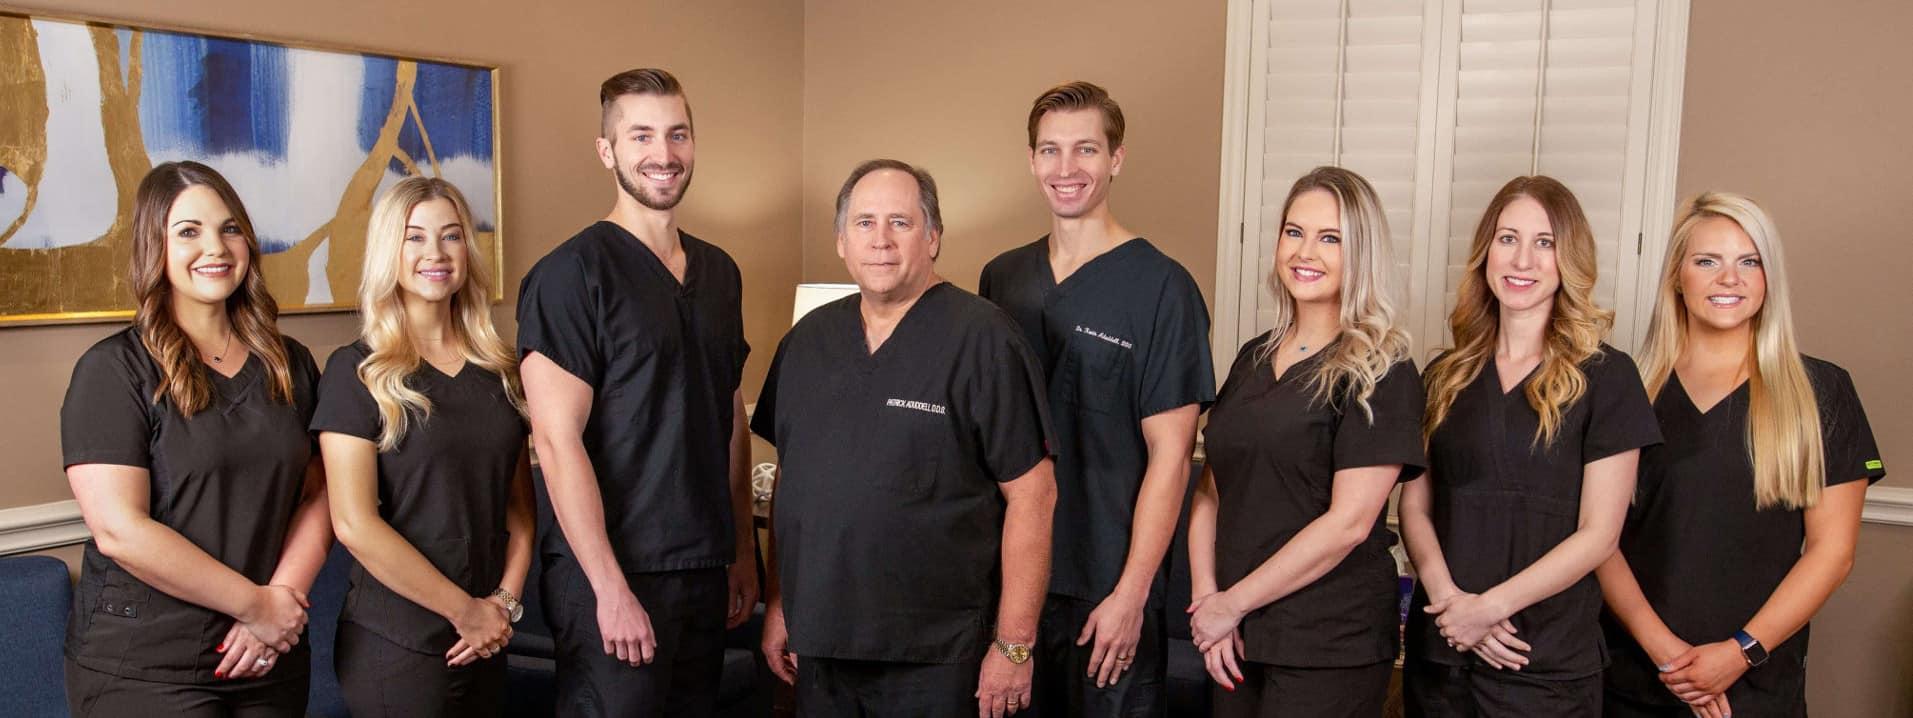 Aduddell Dentistry Team